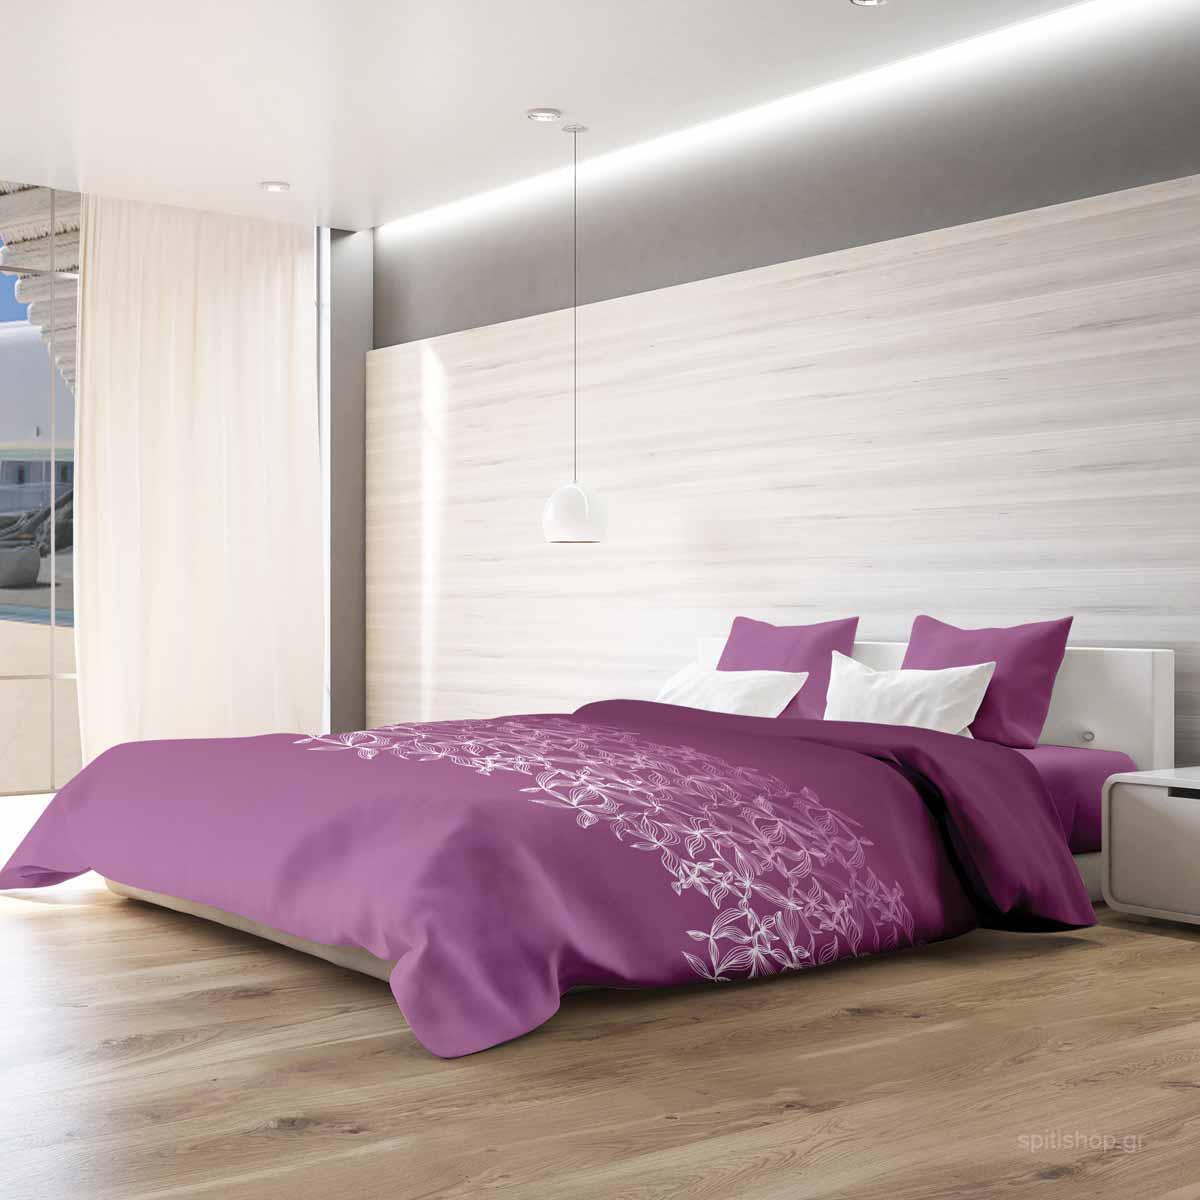 Σεντόνια King Size (Σετ) Makis Tselios Toscana Pink ΧΩΡΙΣ ΛΑΣΤΙΧΟ 265×280 ΧΩΡΙΣ ΛΑΣΤΙΧΟ 265×280